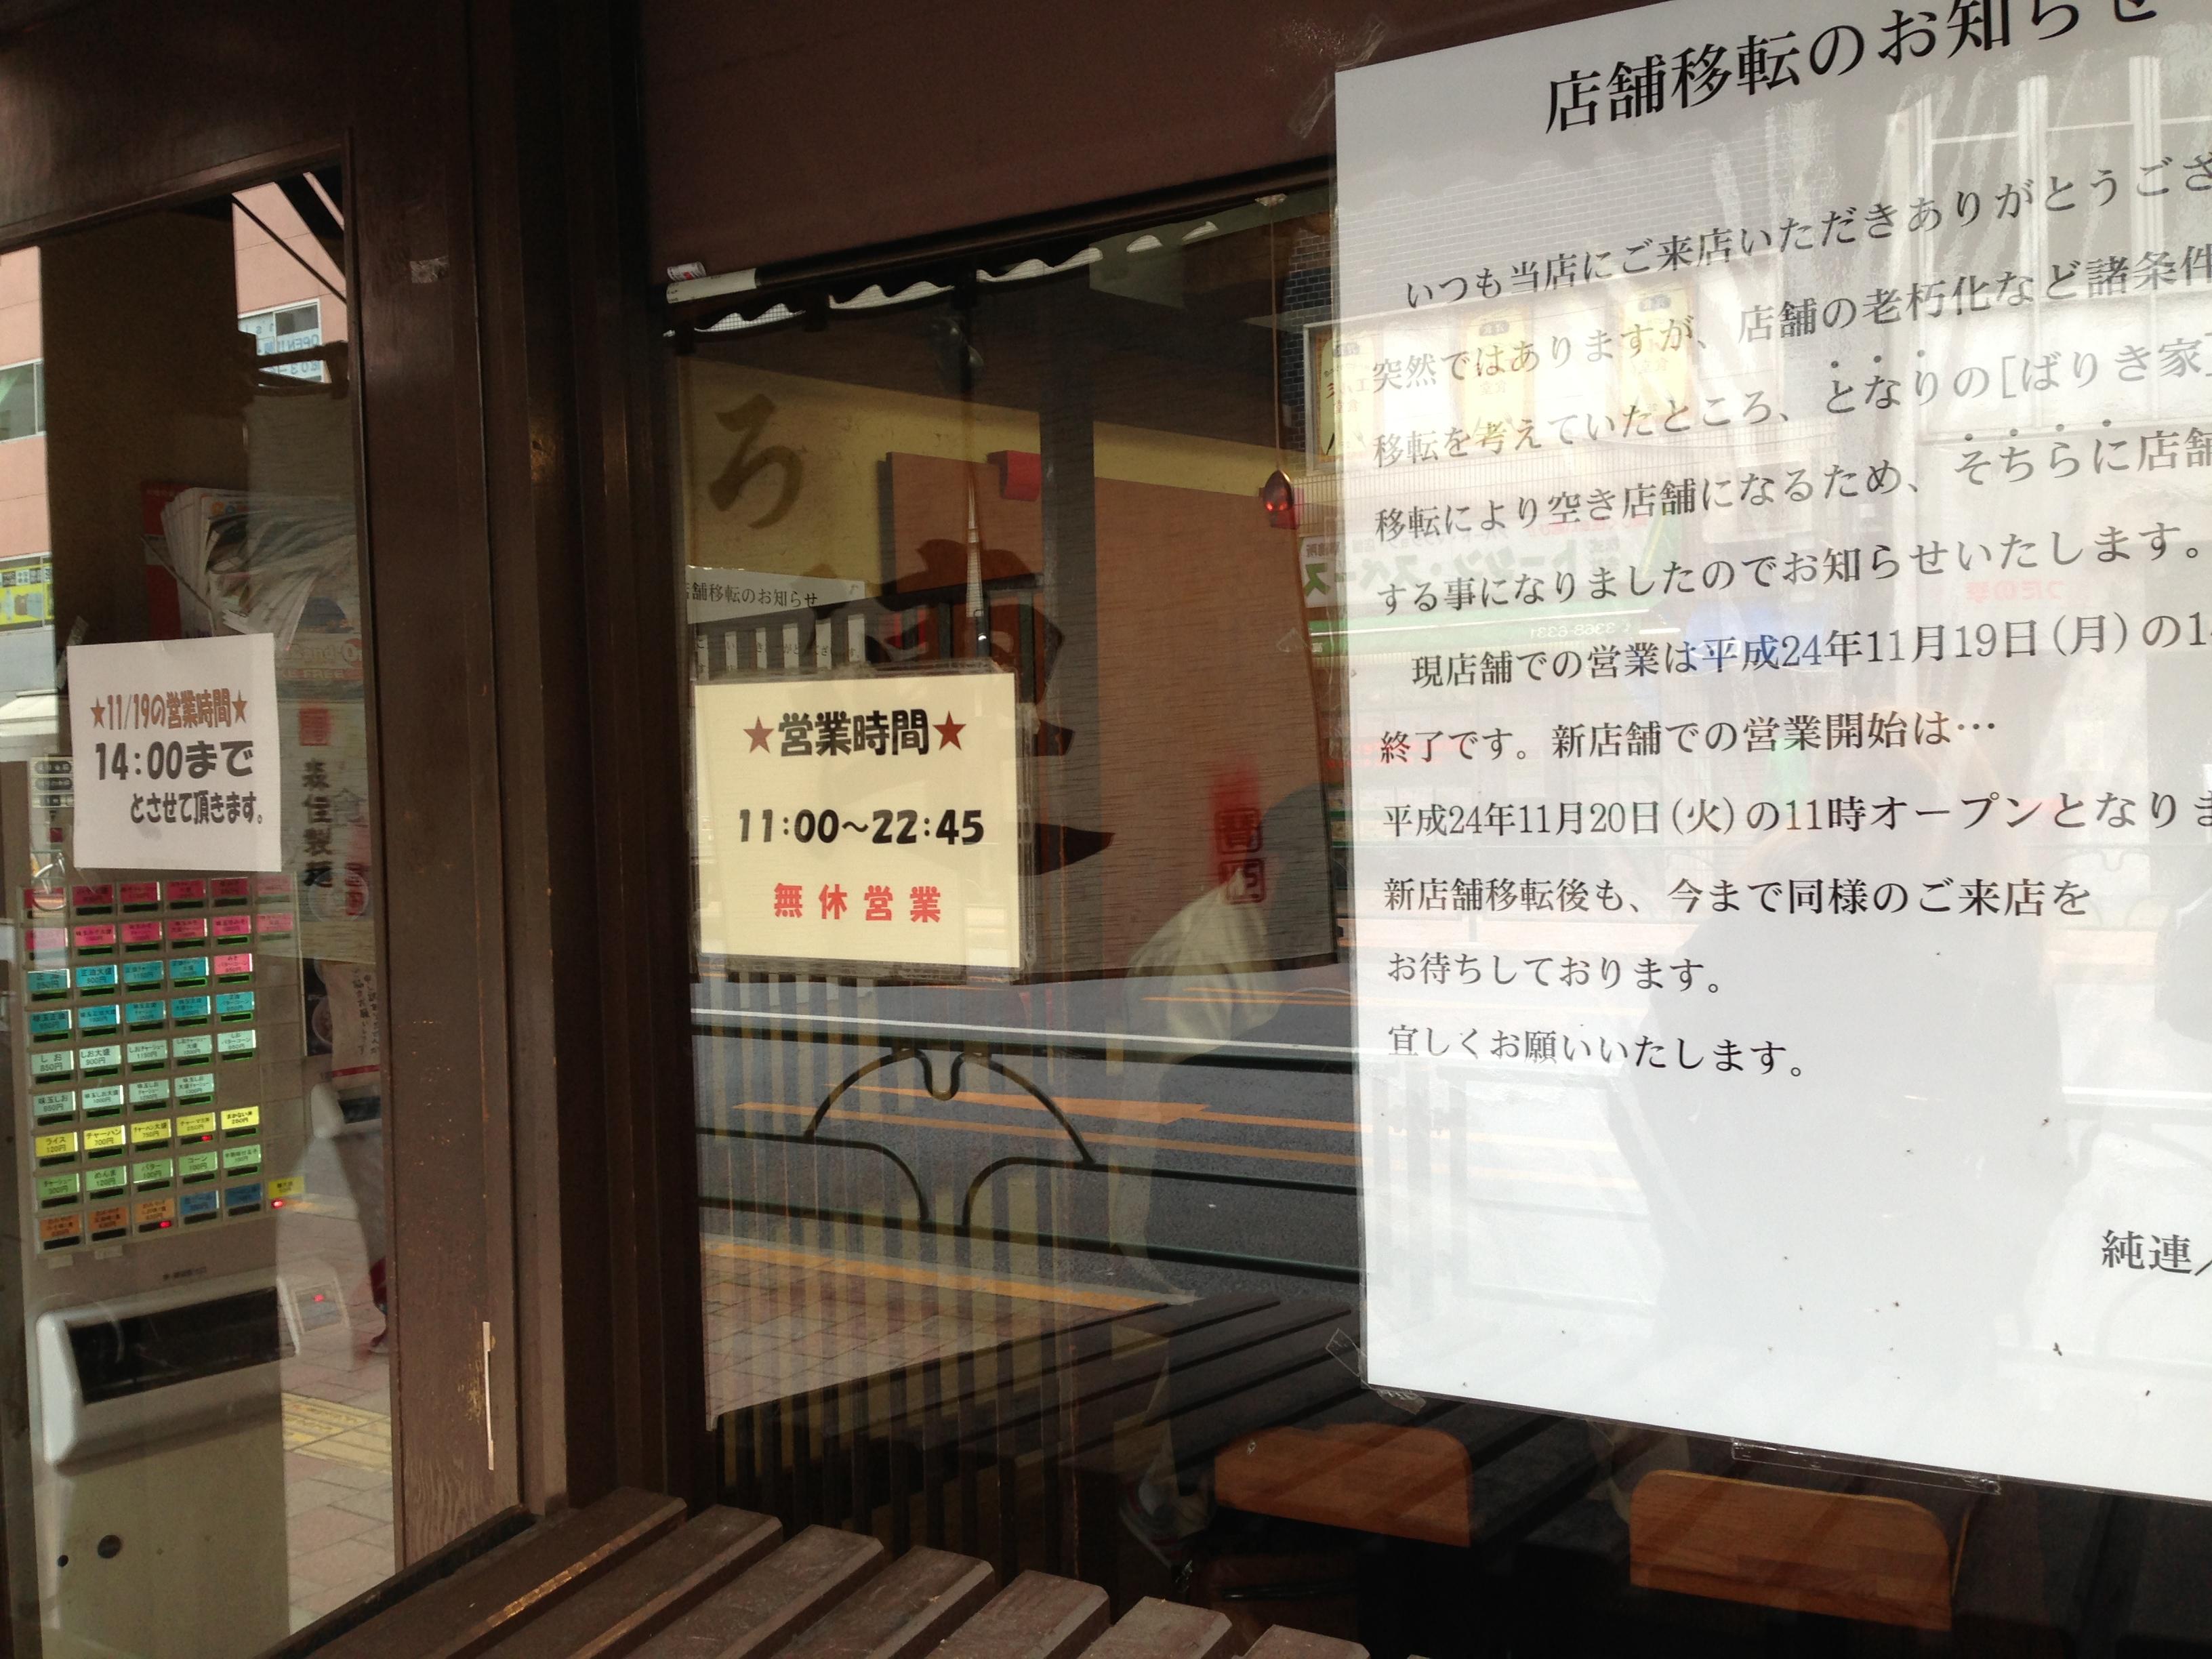 Cartel del restaurante que cierra